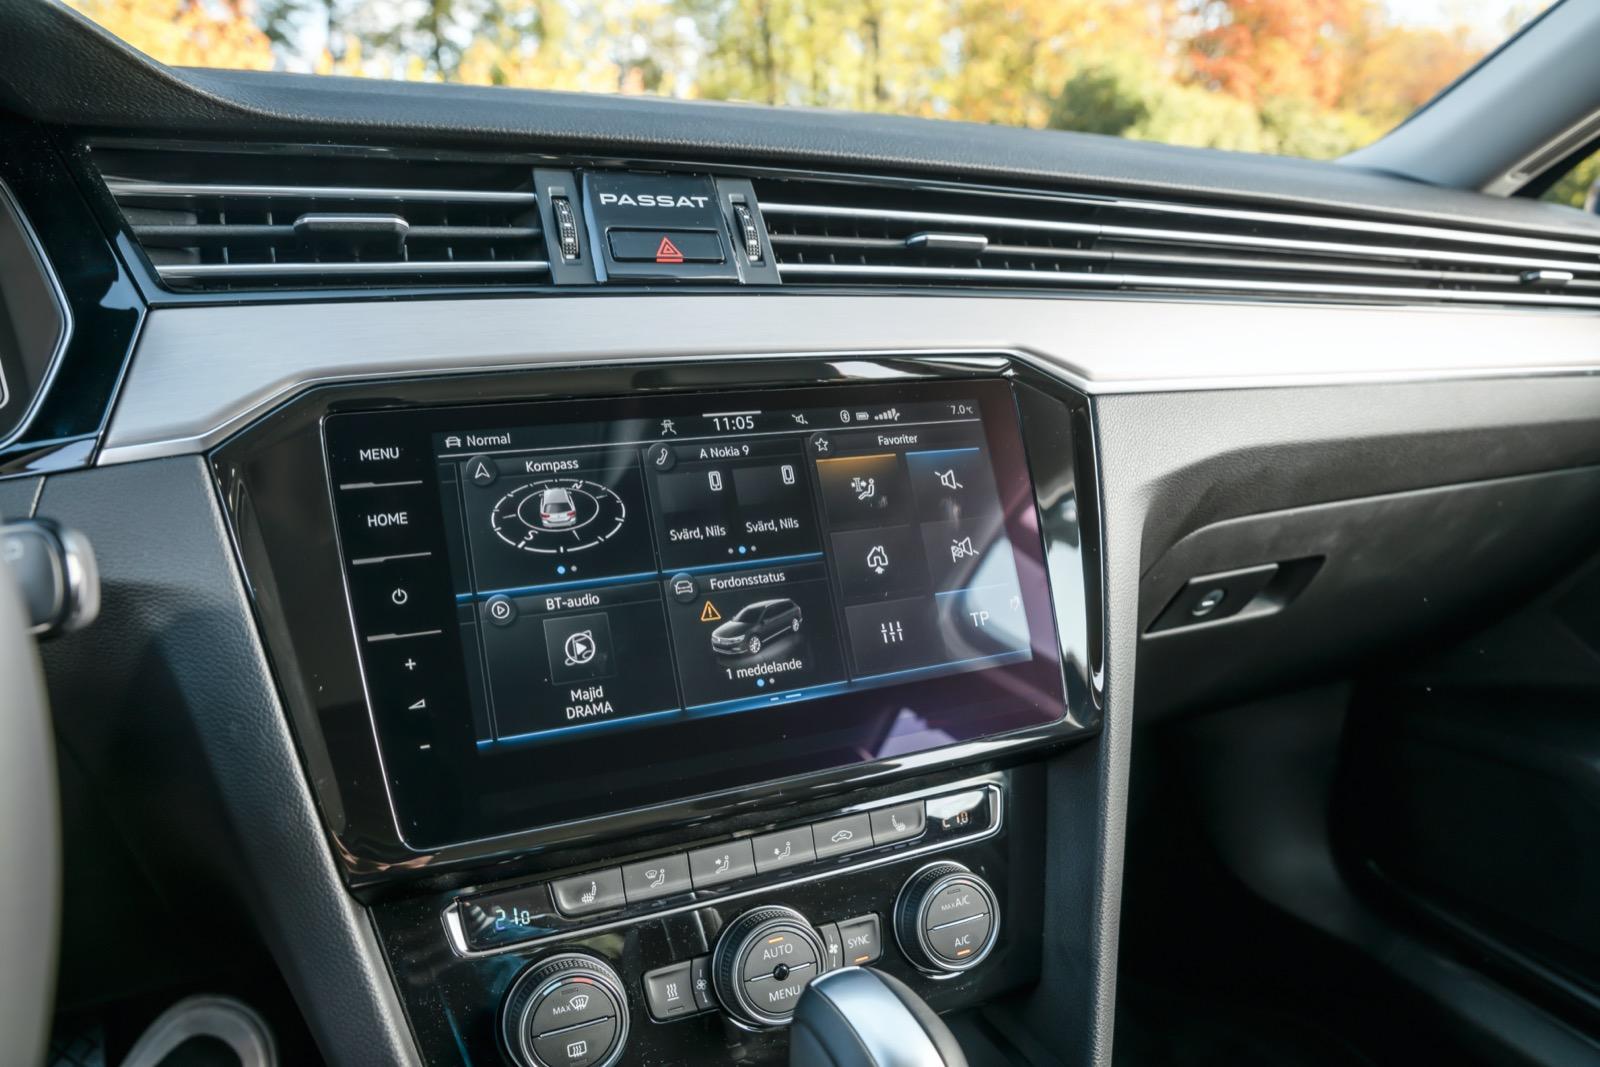 Volkswagen: Discover Pro-skärmen (tillval) saknar volym- och zoomvred, men kan bläddra i menyer och mediaspår via handgester. Krispig och klar upplösning.